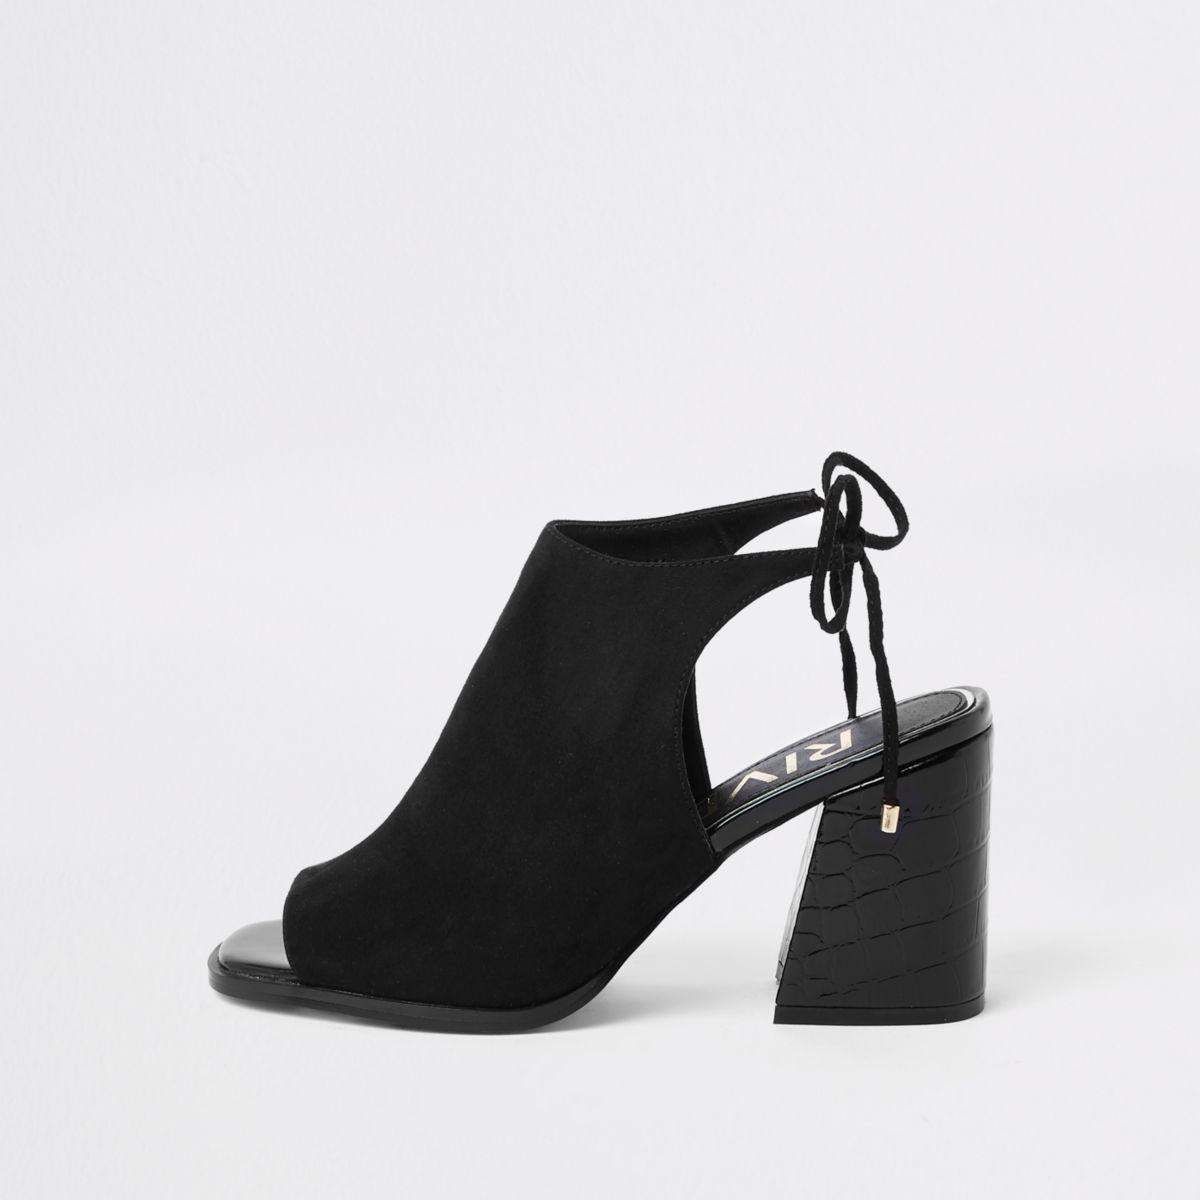 Black tie back block heel shoe boots